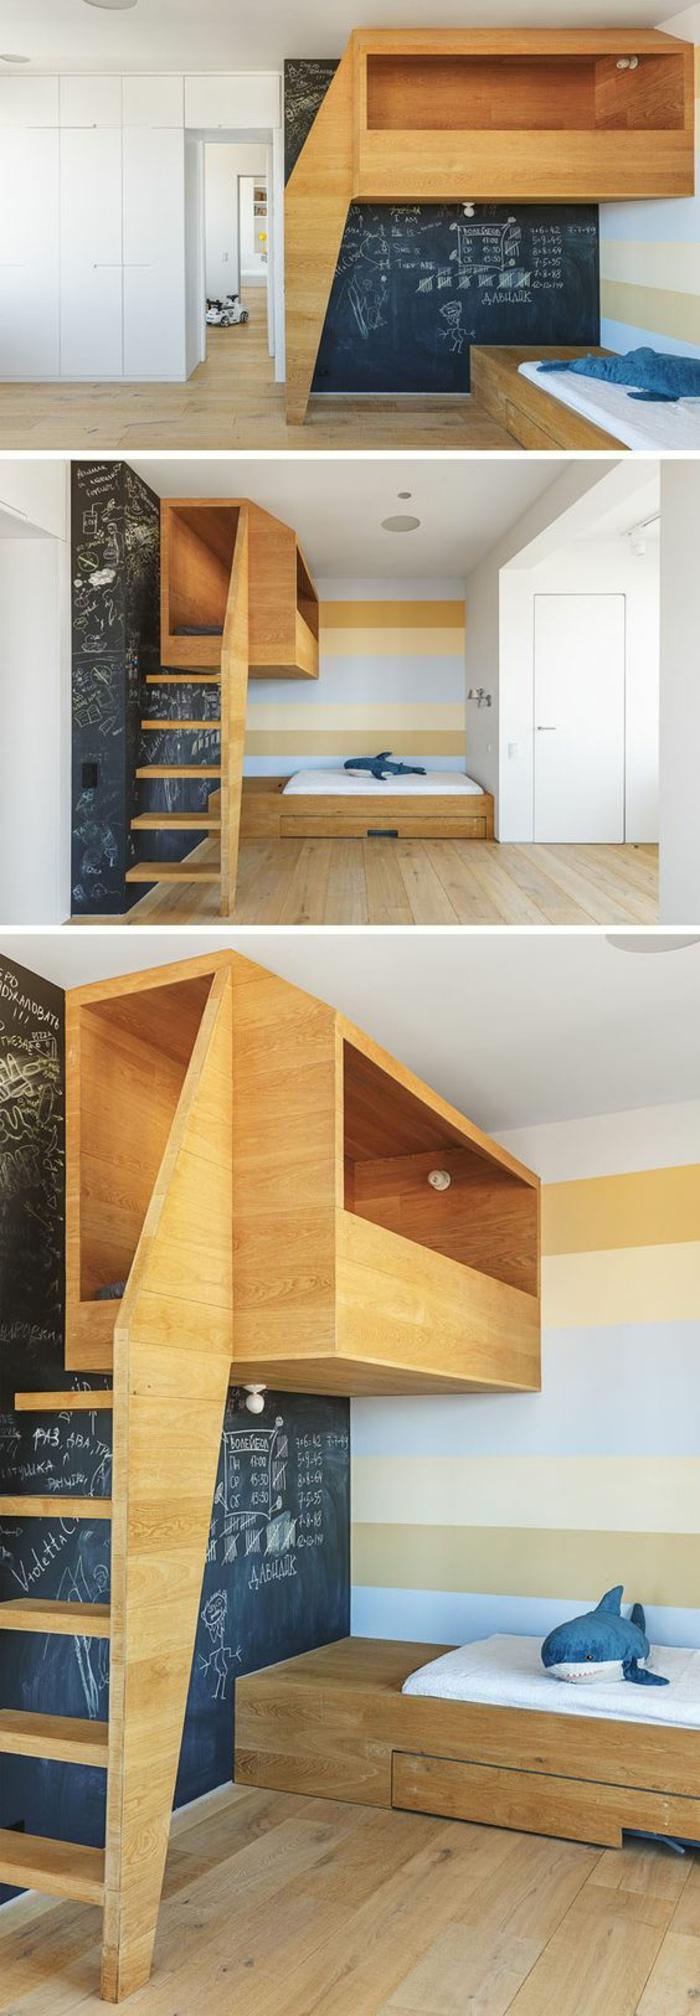 deco chambre garcon a deux niveaux avec lit cubique en bois clair et des murs aux rayures horizontales couleurs pastels